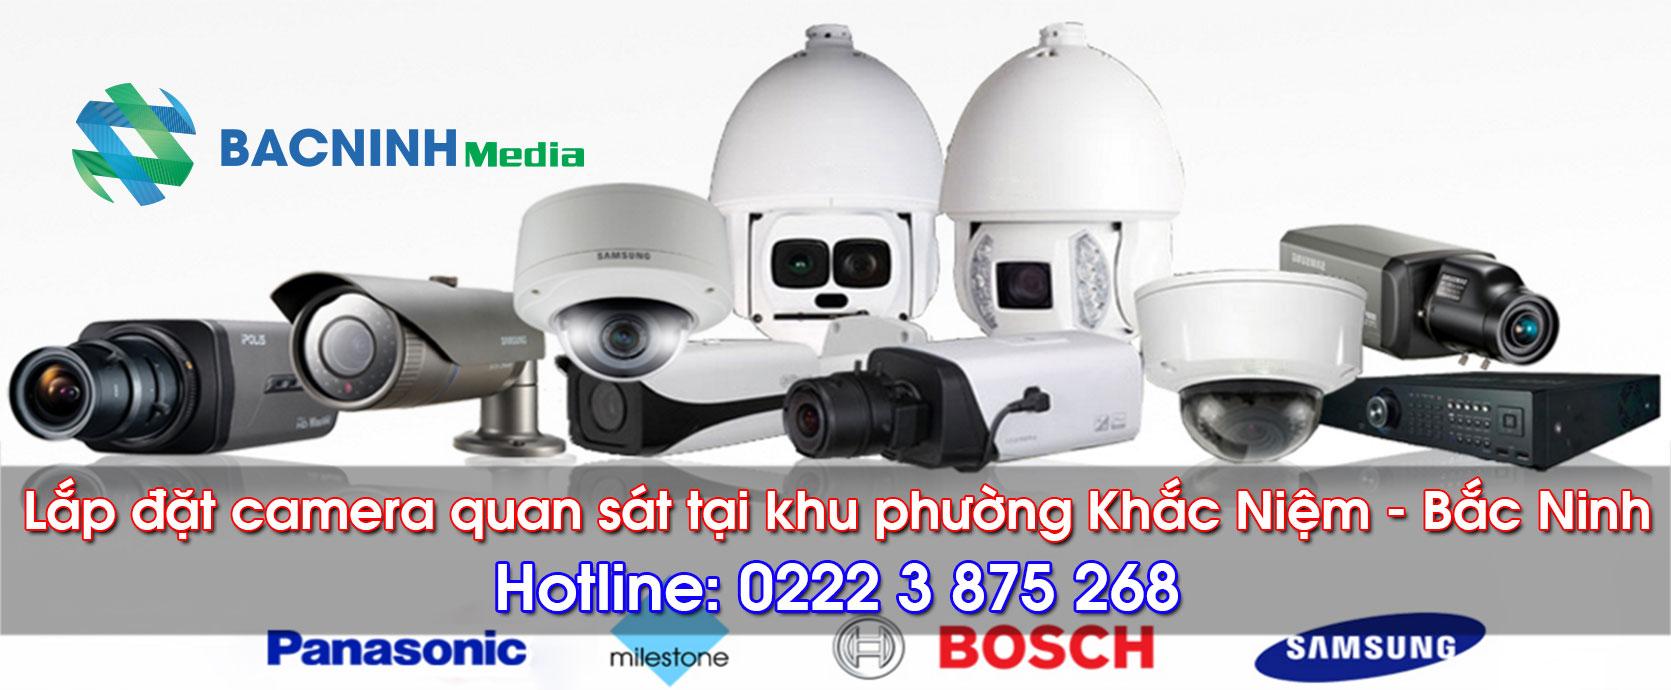 Lắp đặt camera quan sát tại phường Khắc Niệm Bắc Ninh